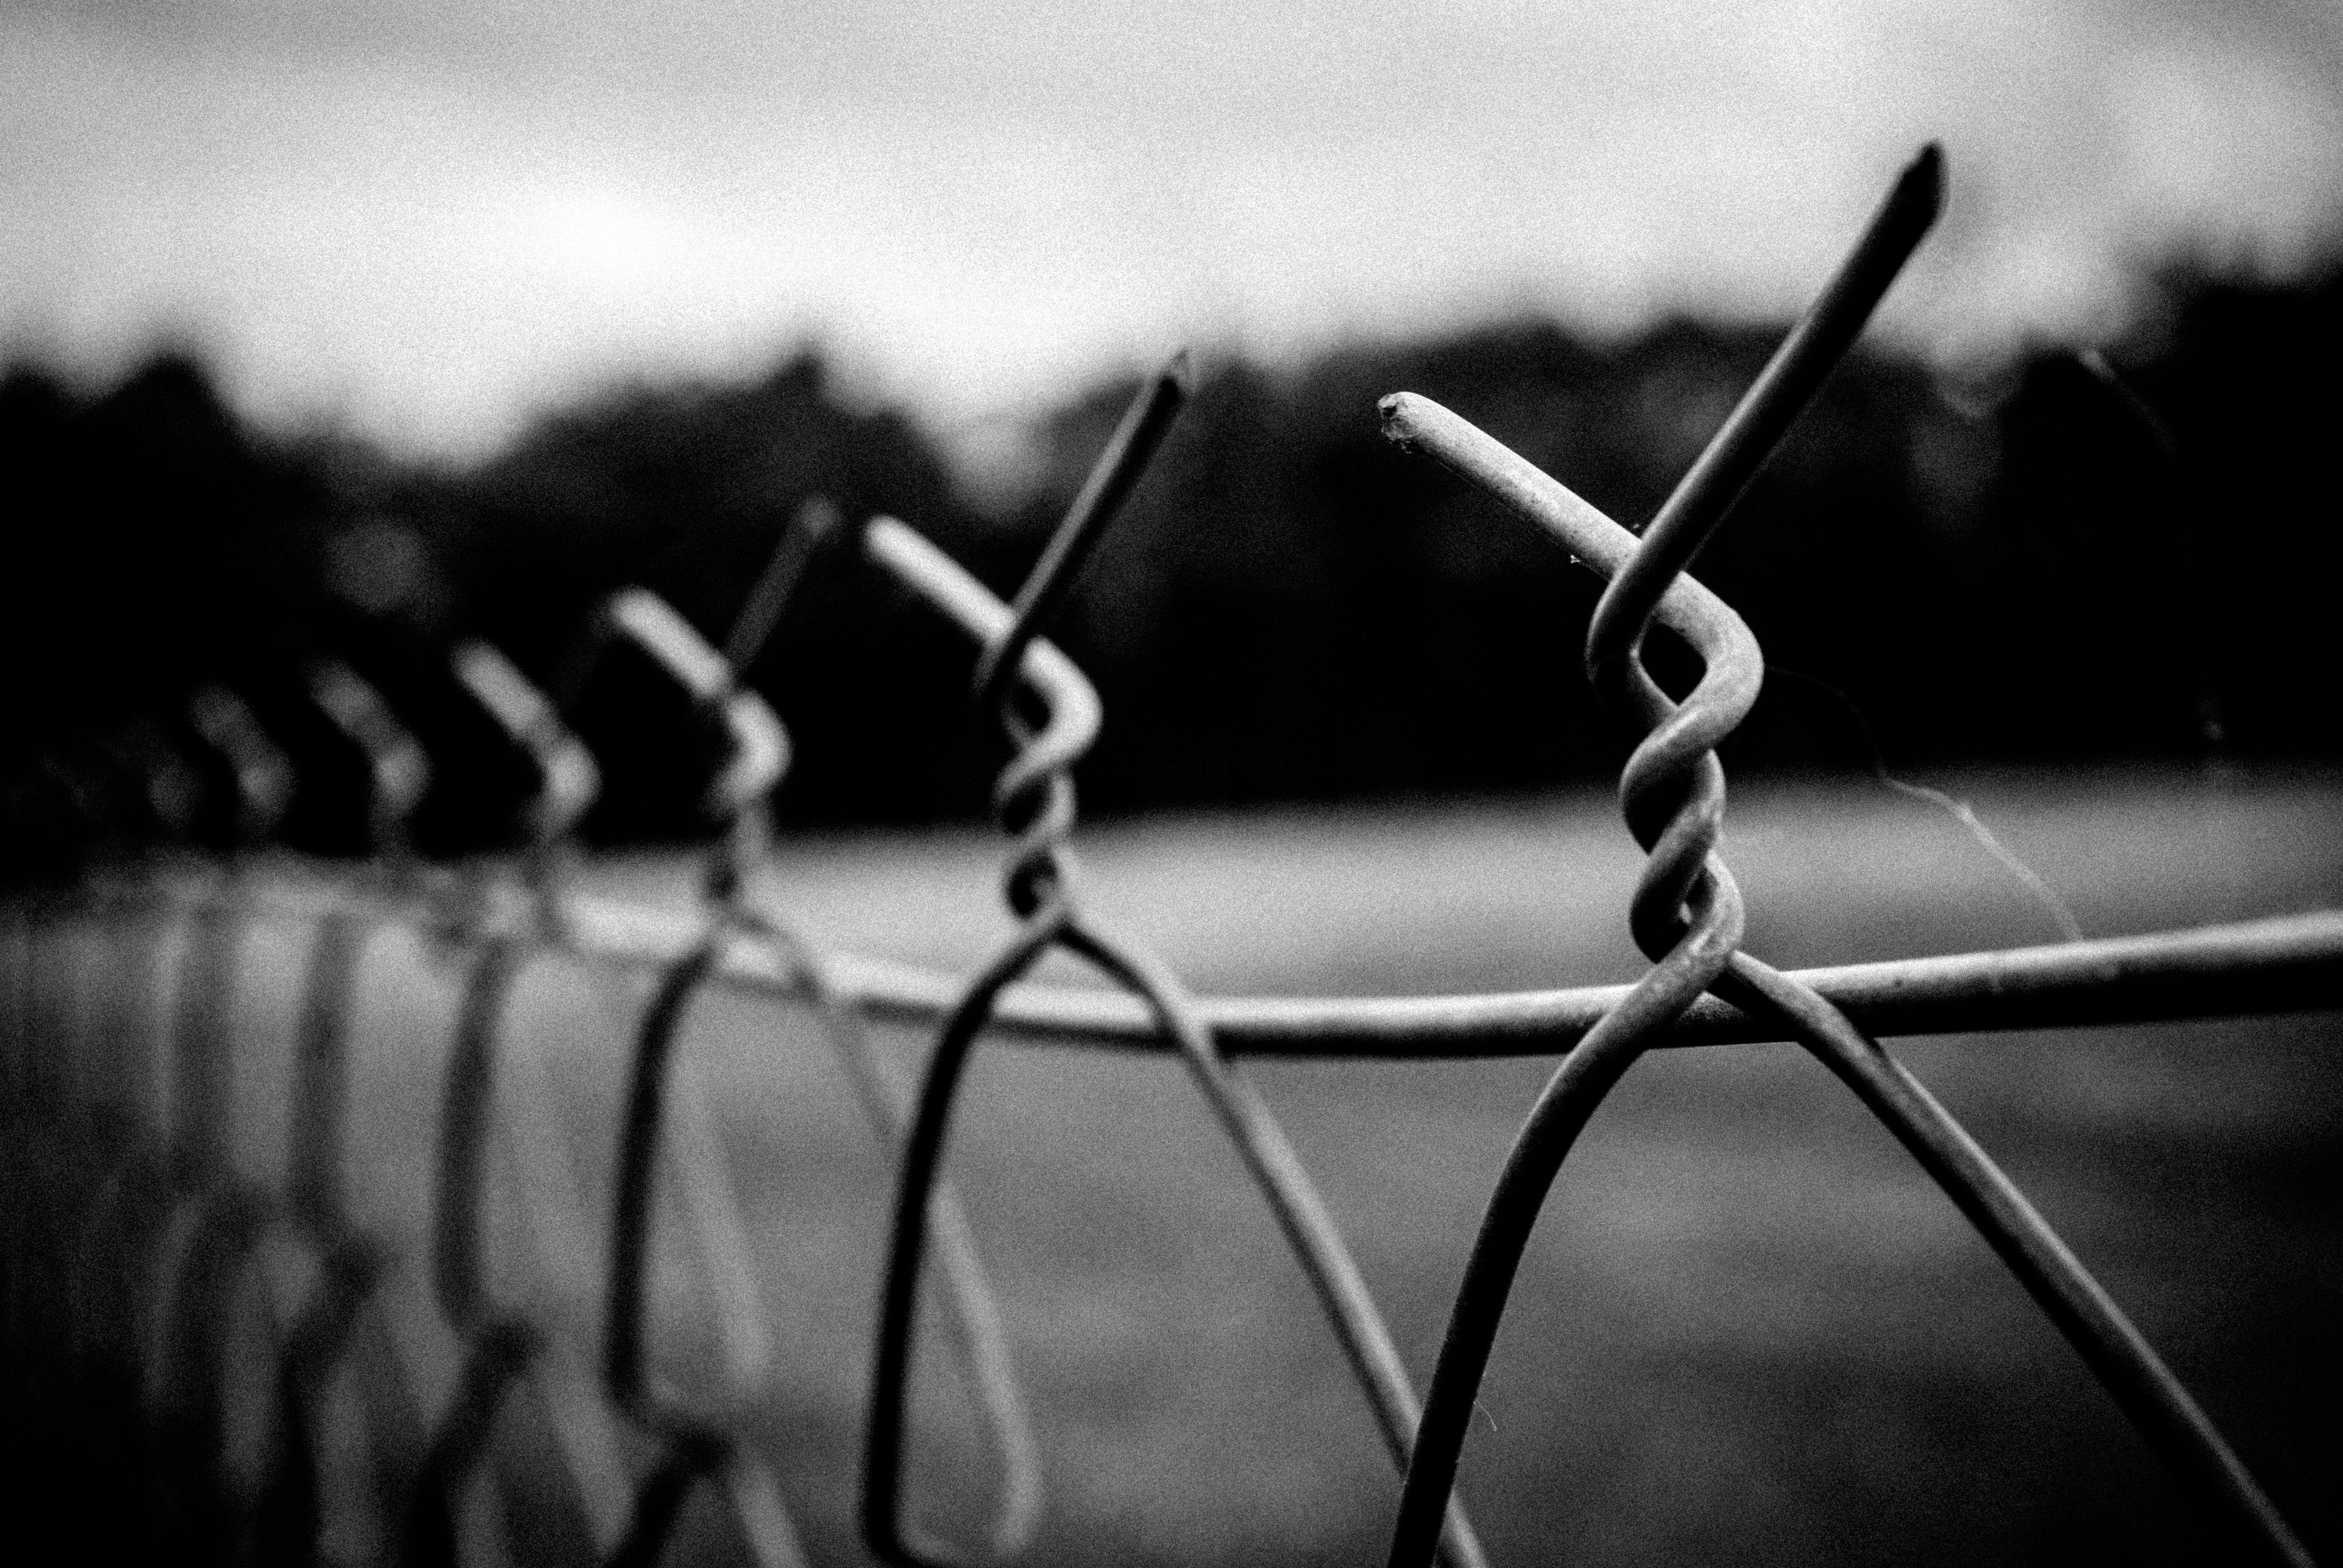 В ближайшее время омбудсмены Украины и России посетят незаконно заключенных в РФ украинцев / фото flickr.com/Jérémy LARROQUE